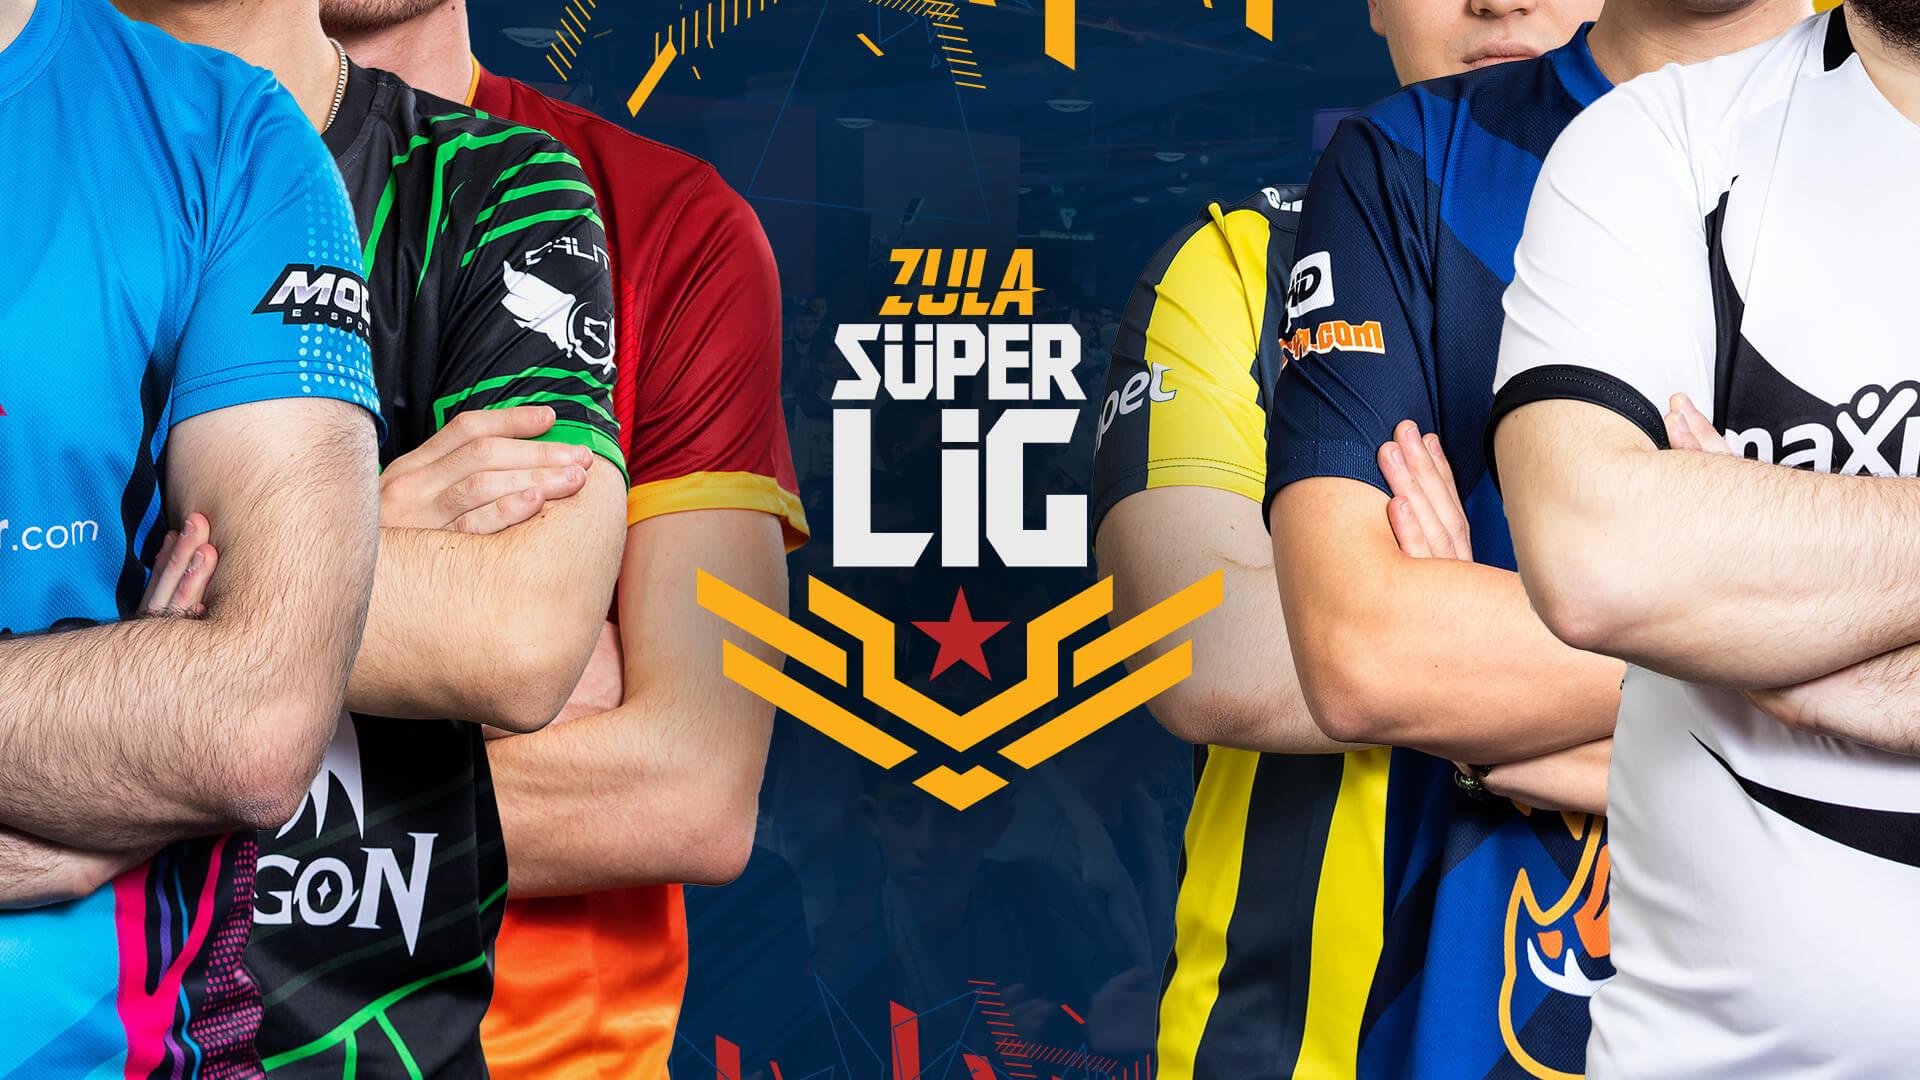 Zula Süper Lig 5.Sezon'un son haftasında en iyi hareket Maxic'den!